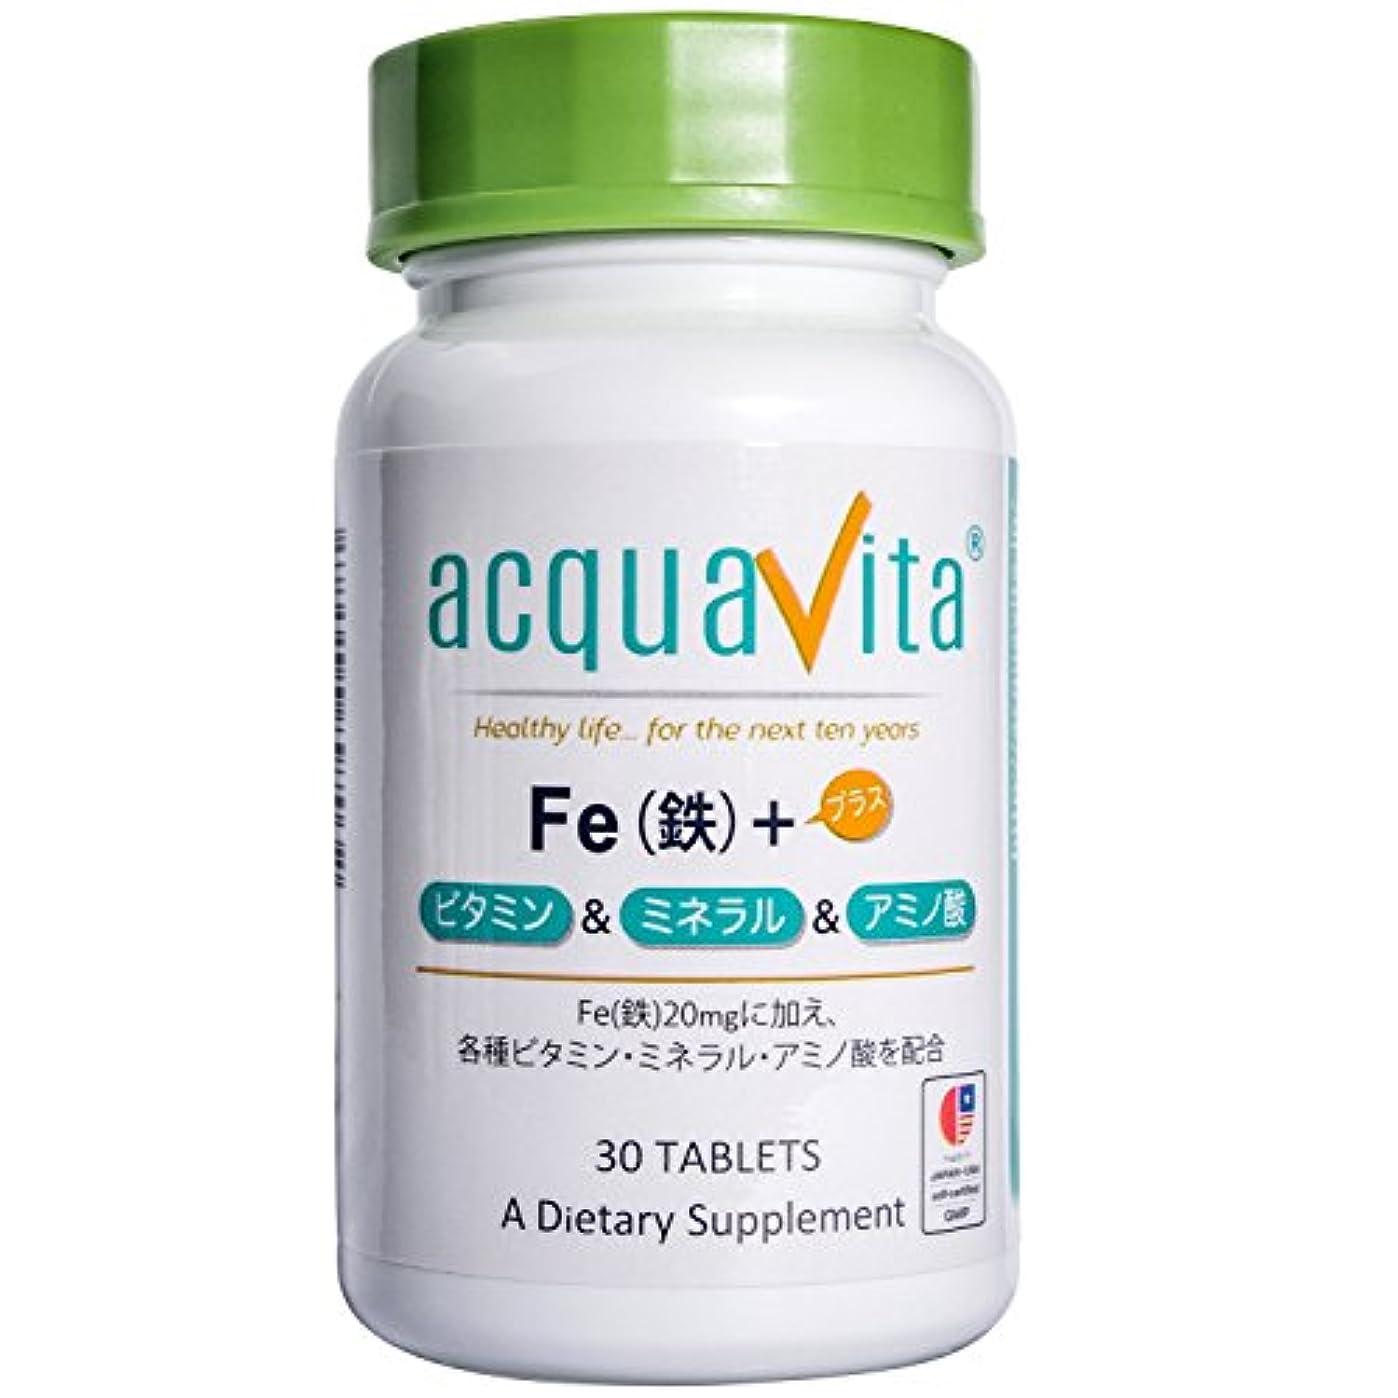 平等助手侵略acquavita(アクアヴィータ) Fe(鉄)+ビタミン?ミネラル?アミノ酸 30粒